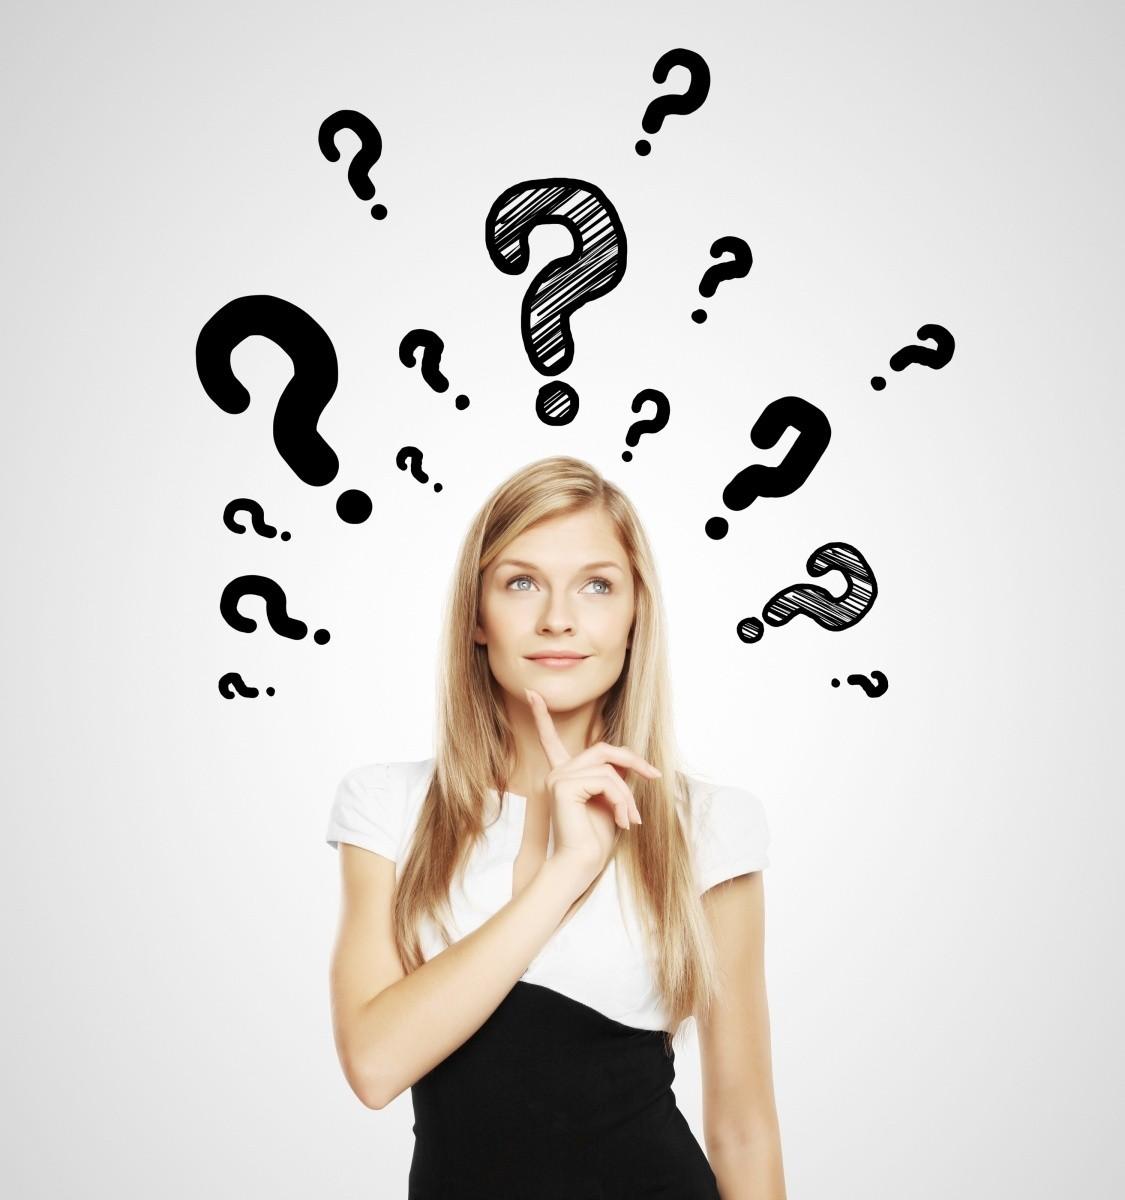 Бежевые выделения из влагалища у женщин - причины, диагностика, лечение